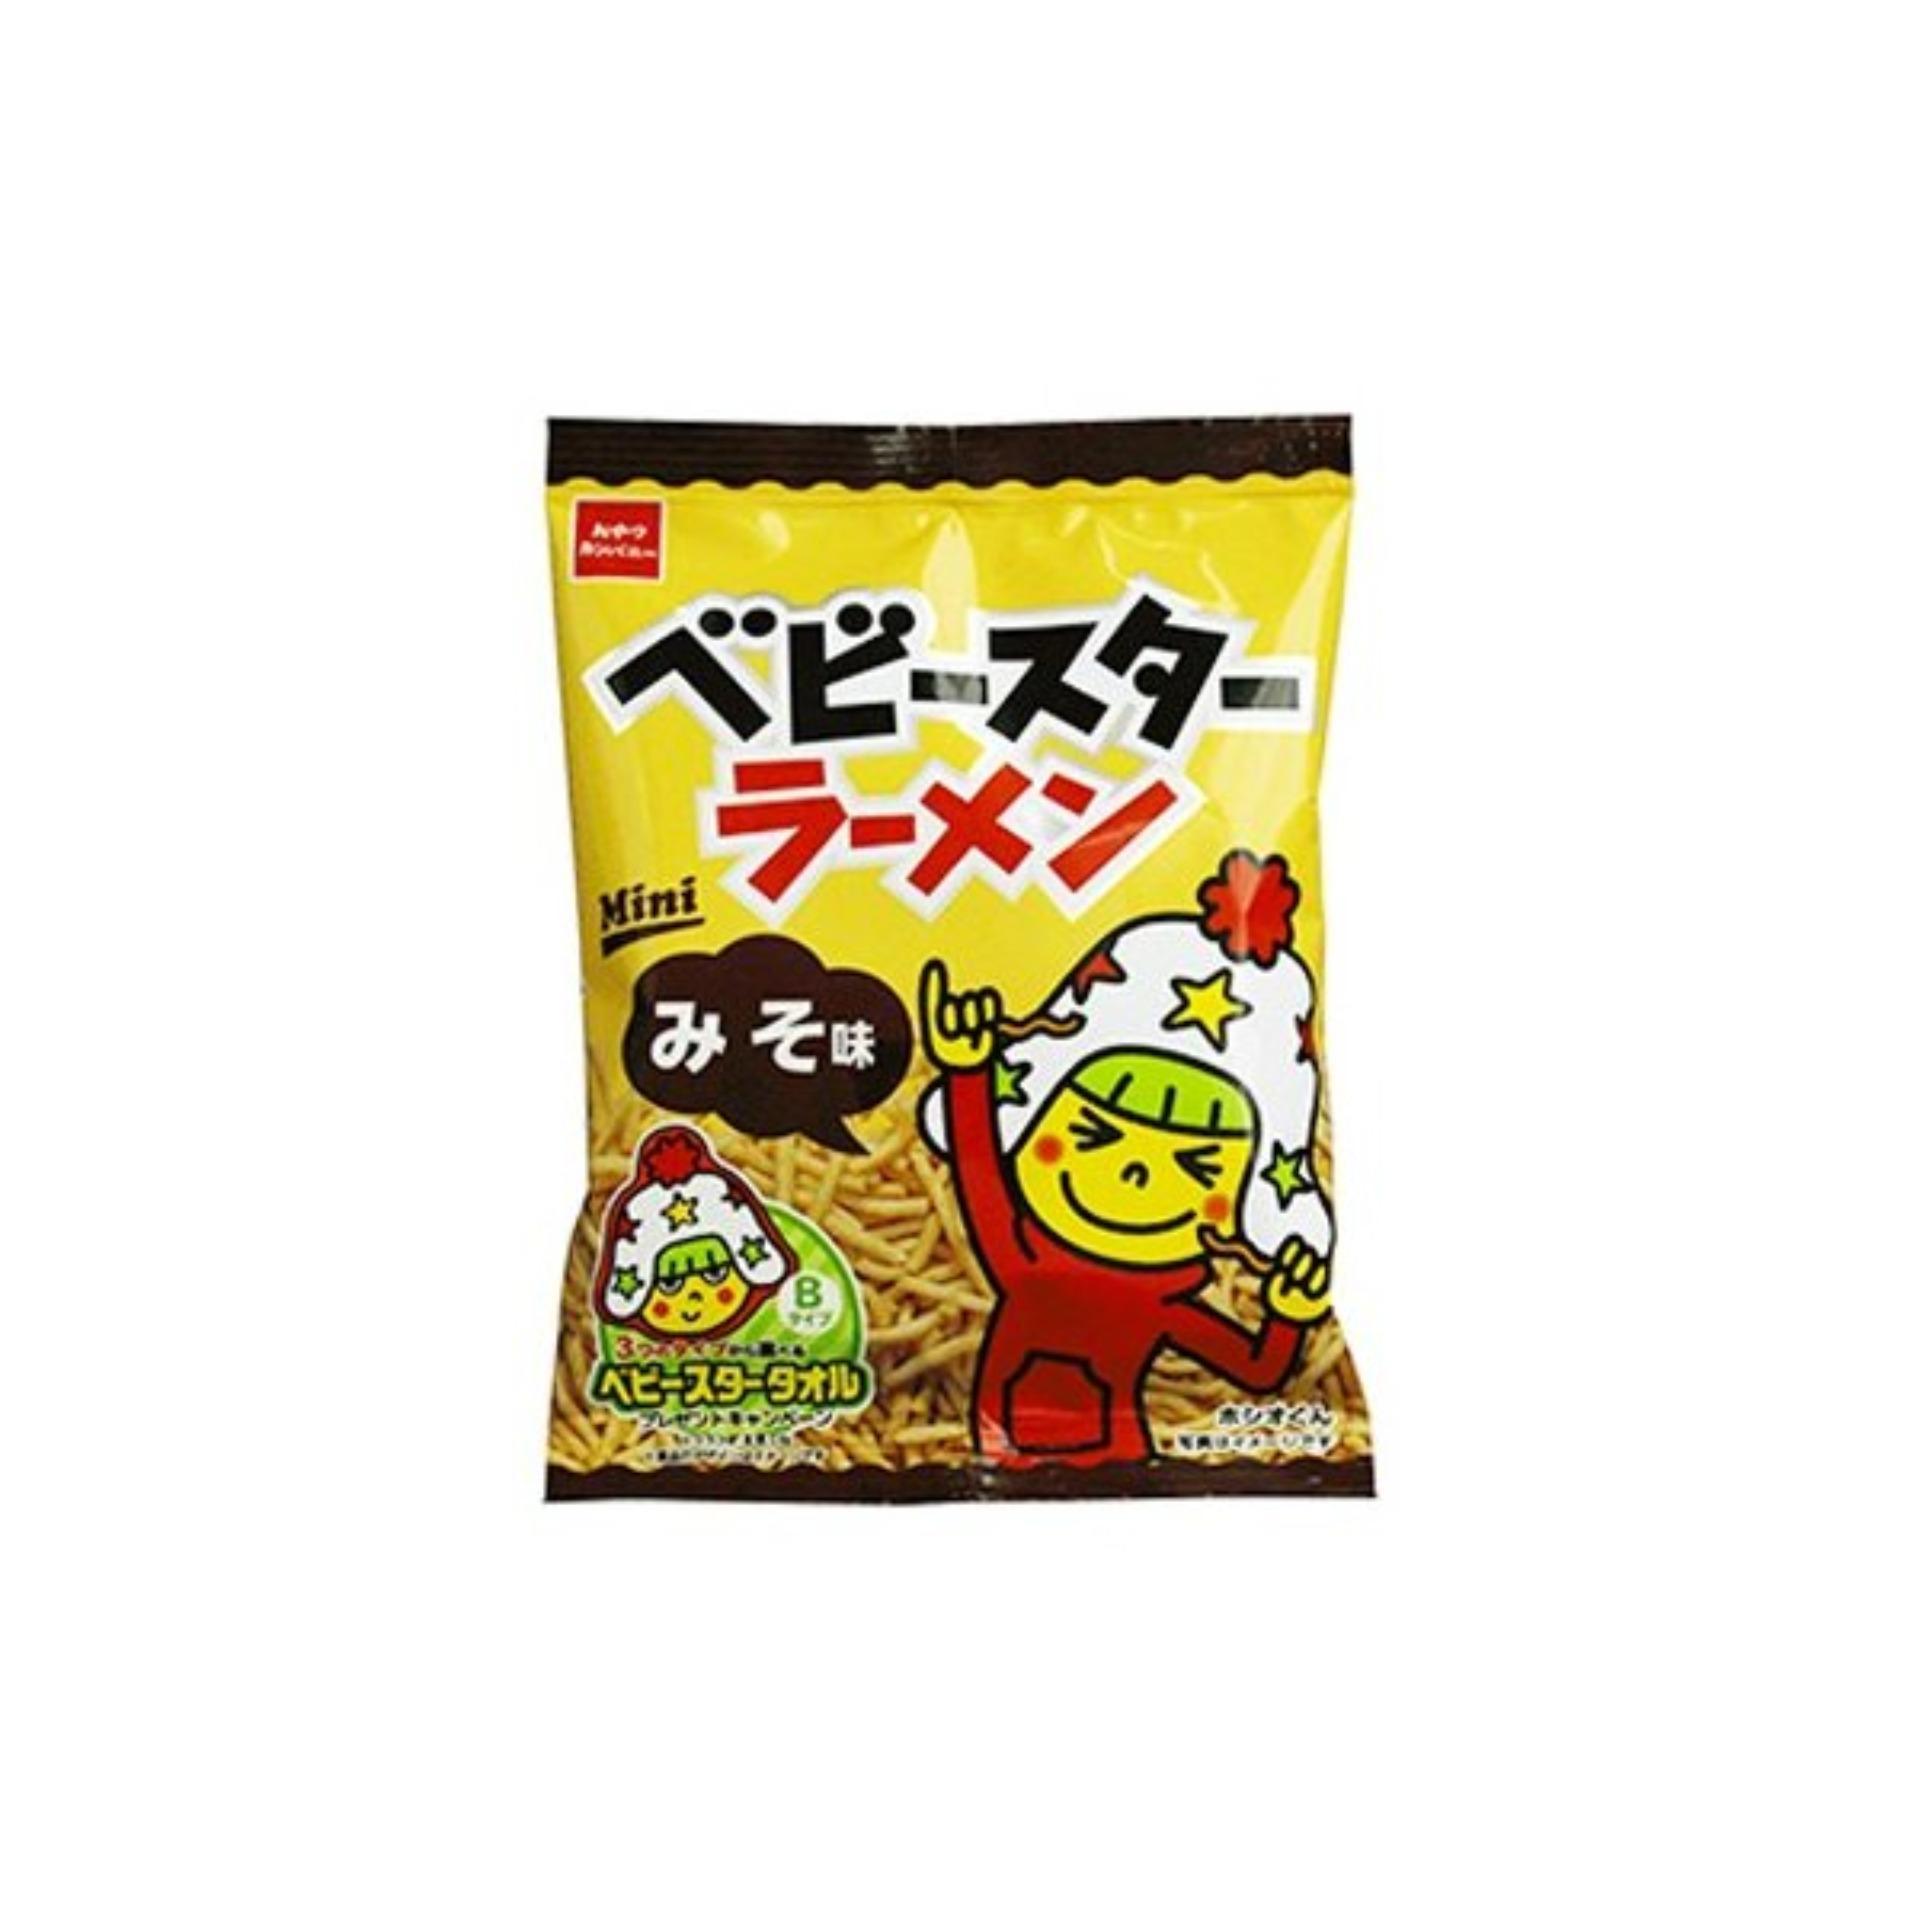 Snack Mini Ramen vị Miso